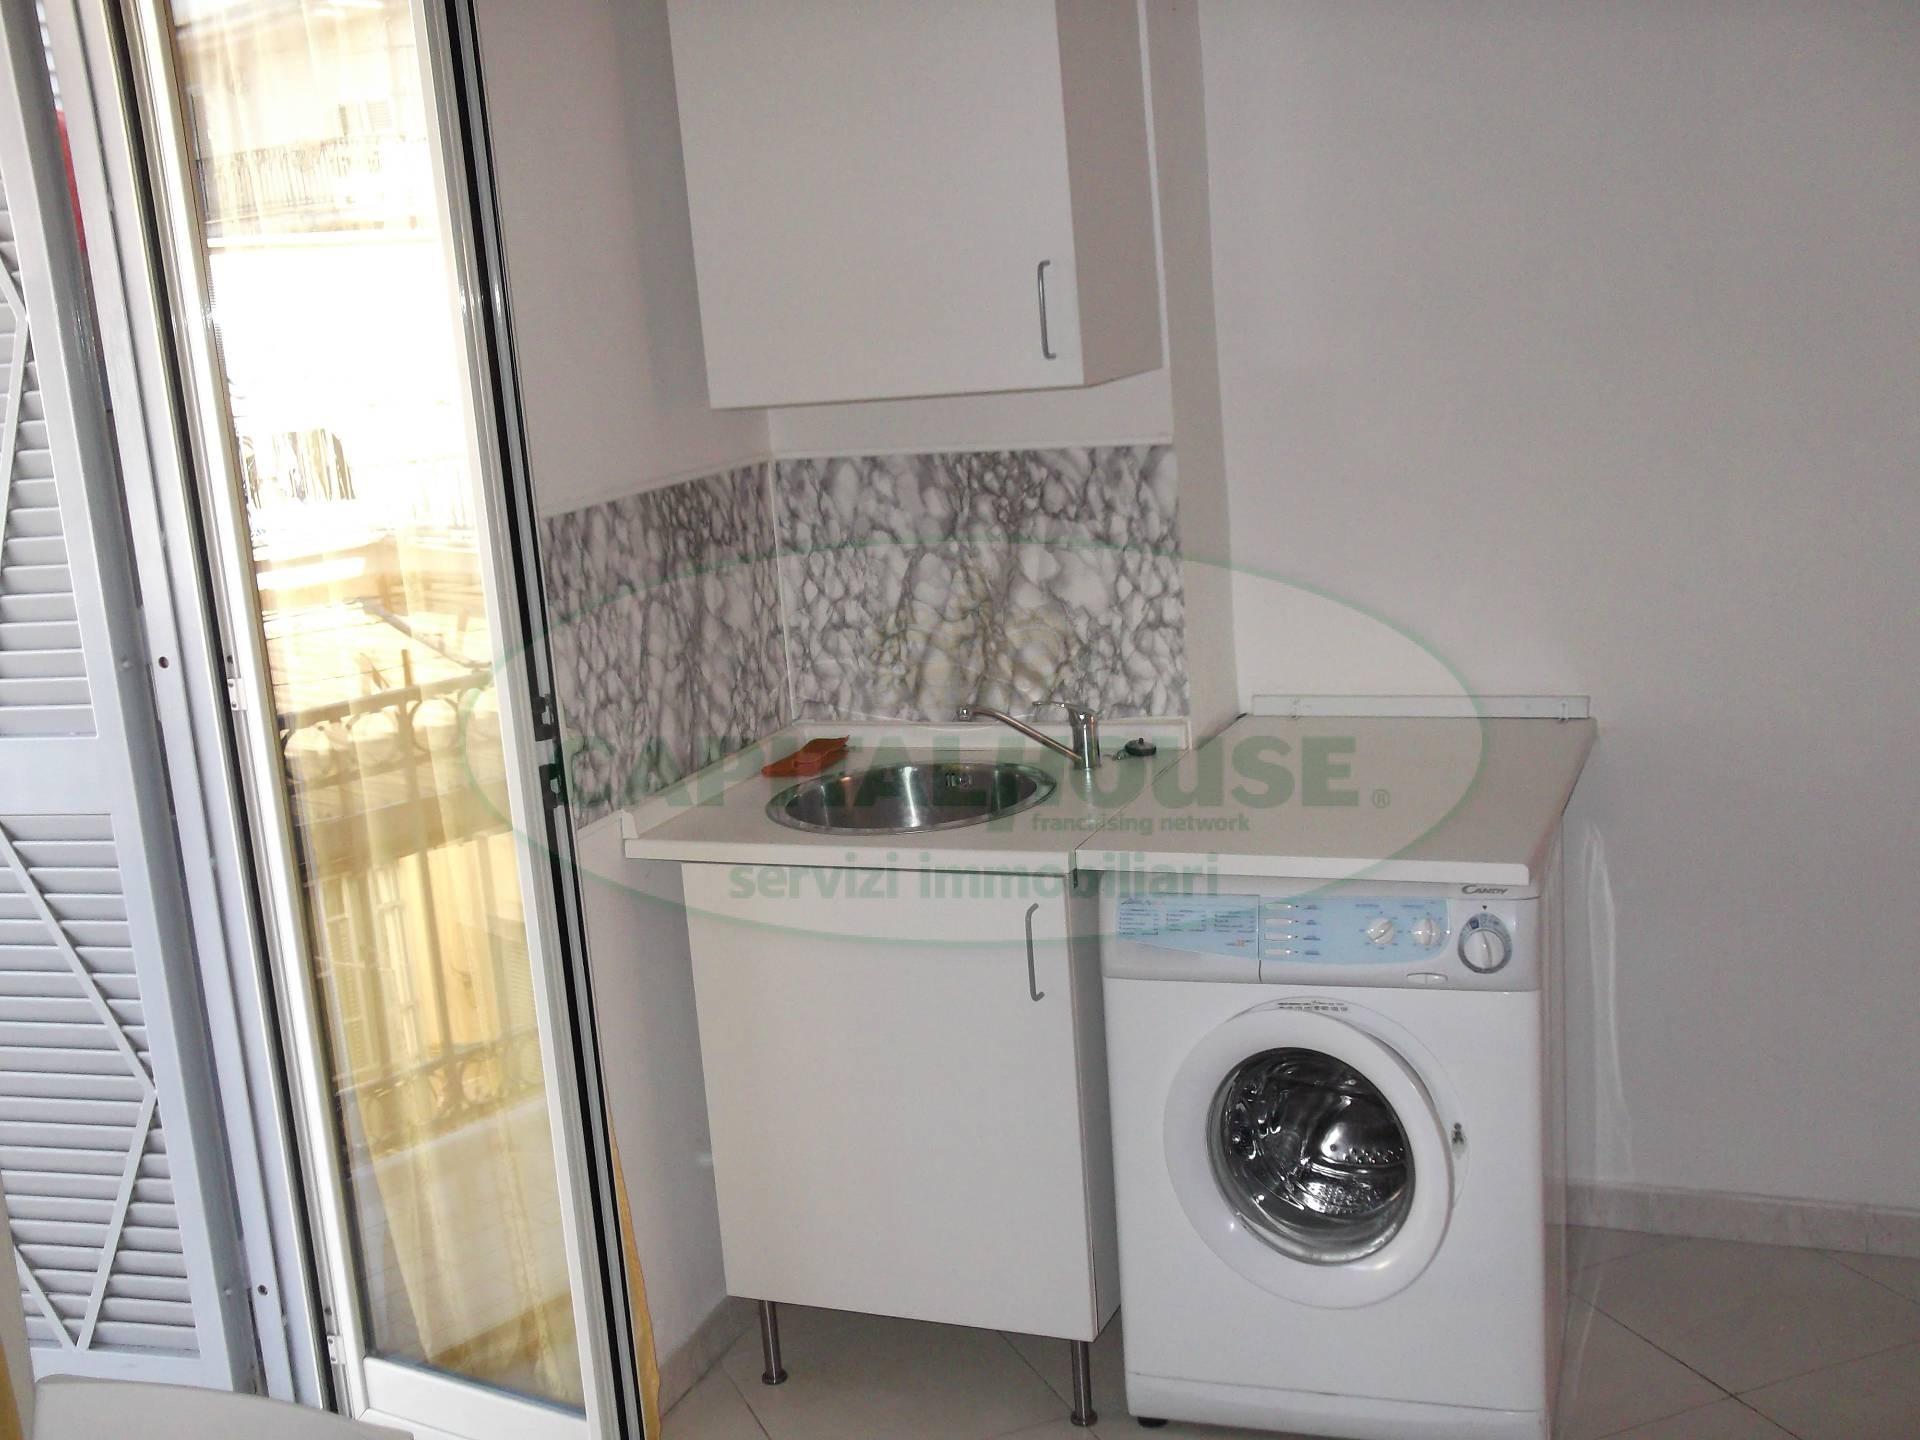 Appartamento in affitto a Afragola, 1 locali, zona Località: PiazzaCastello, prezzo € 350 | CambioCasa.it